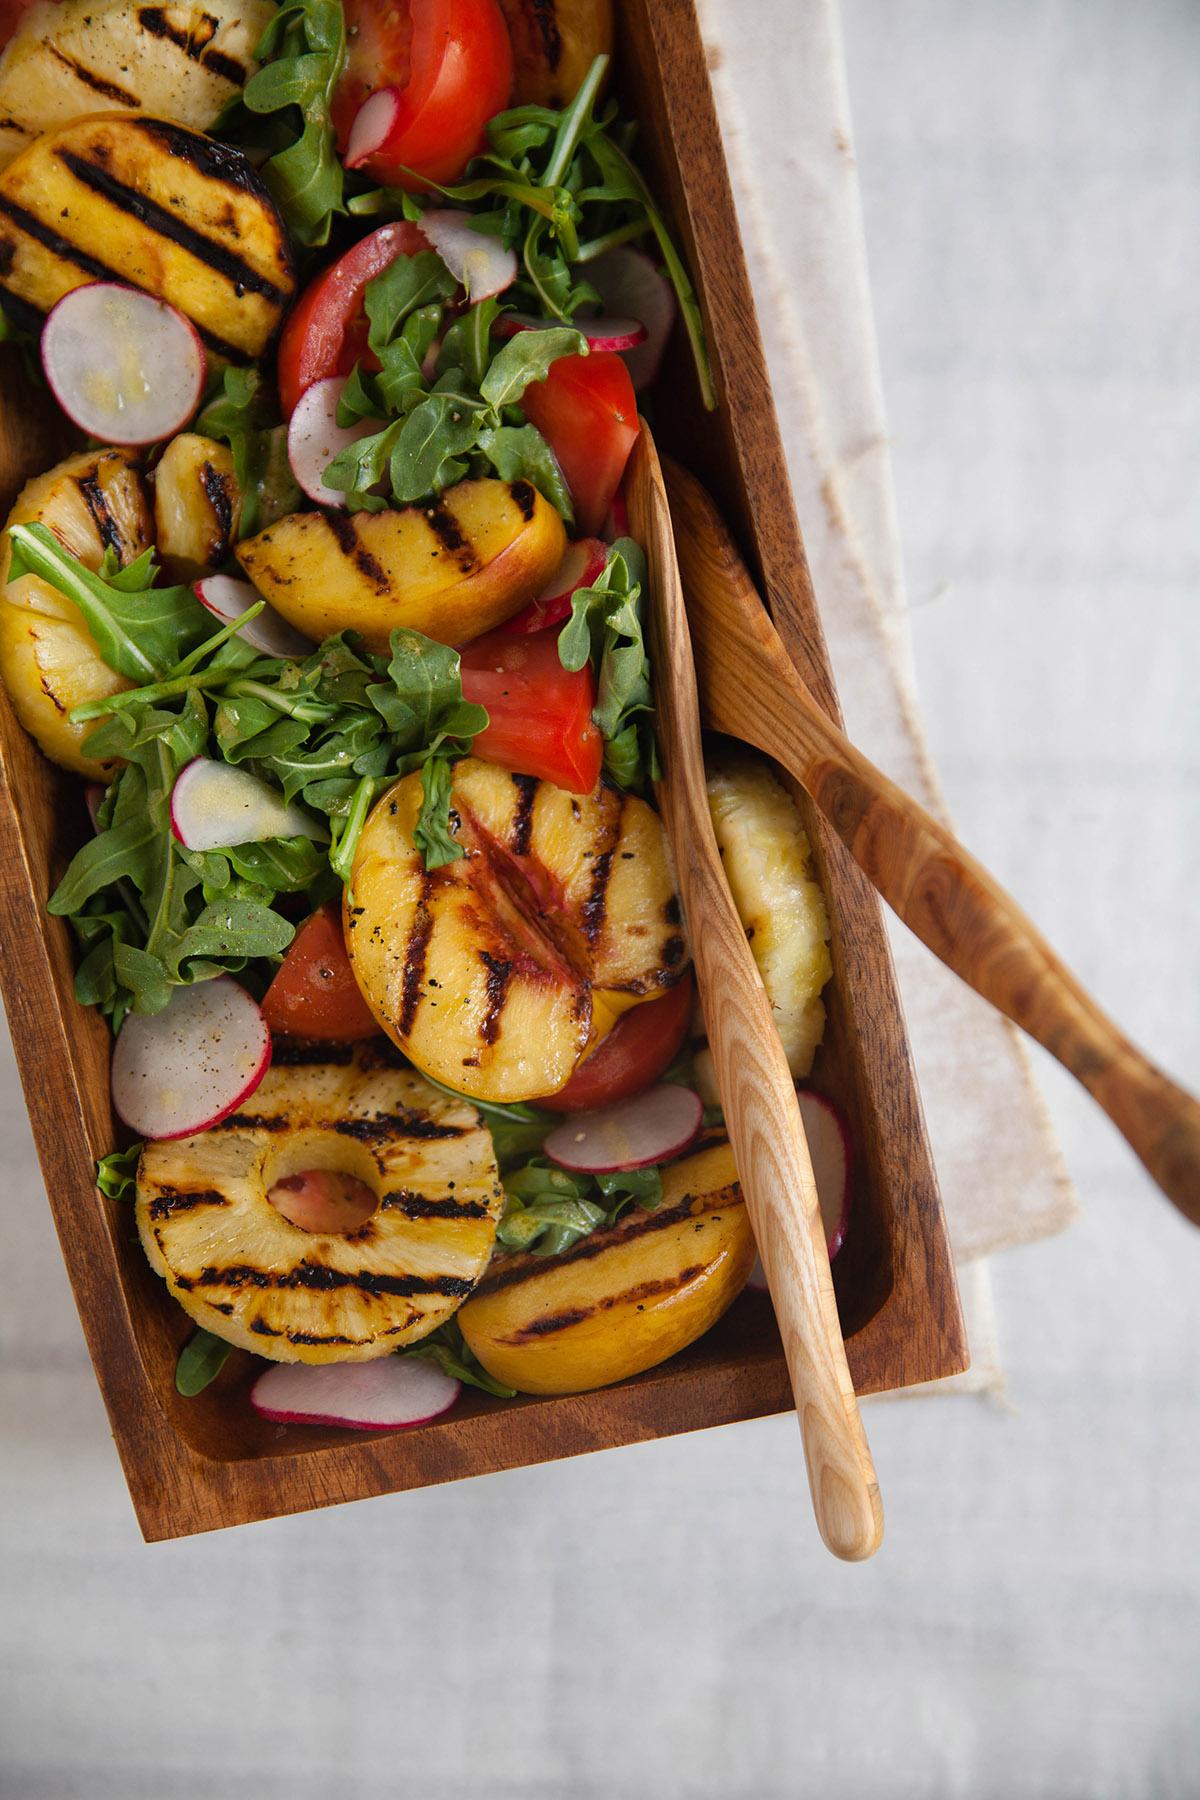 Grilled Summer Fruit Salad